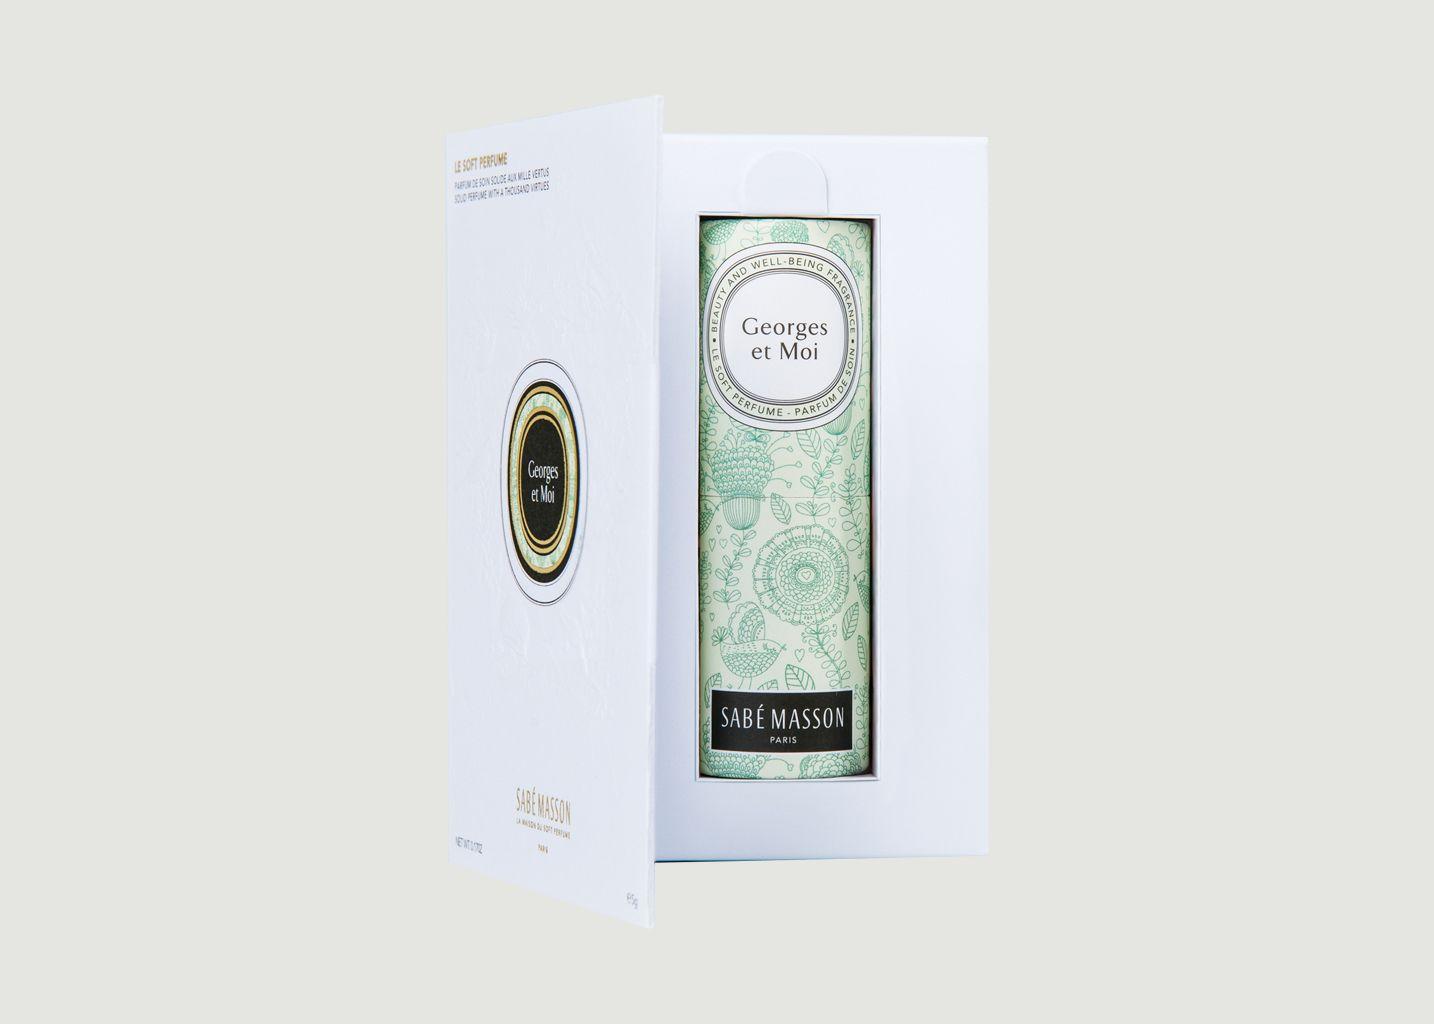 Soft Perfume Georges et Moi - Sabé Masson